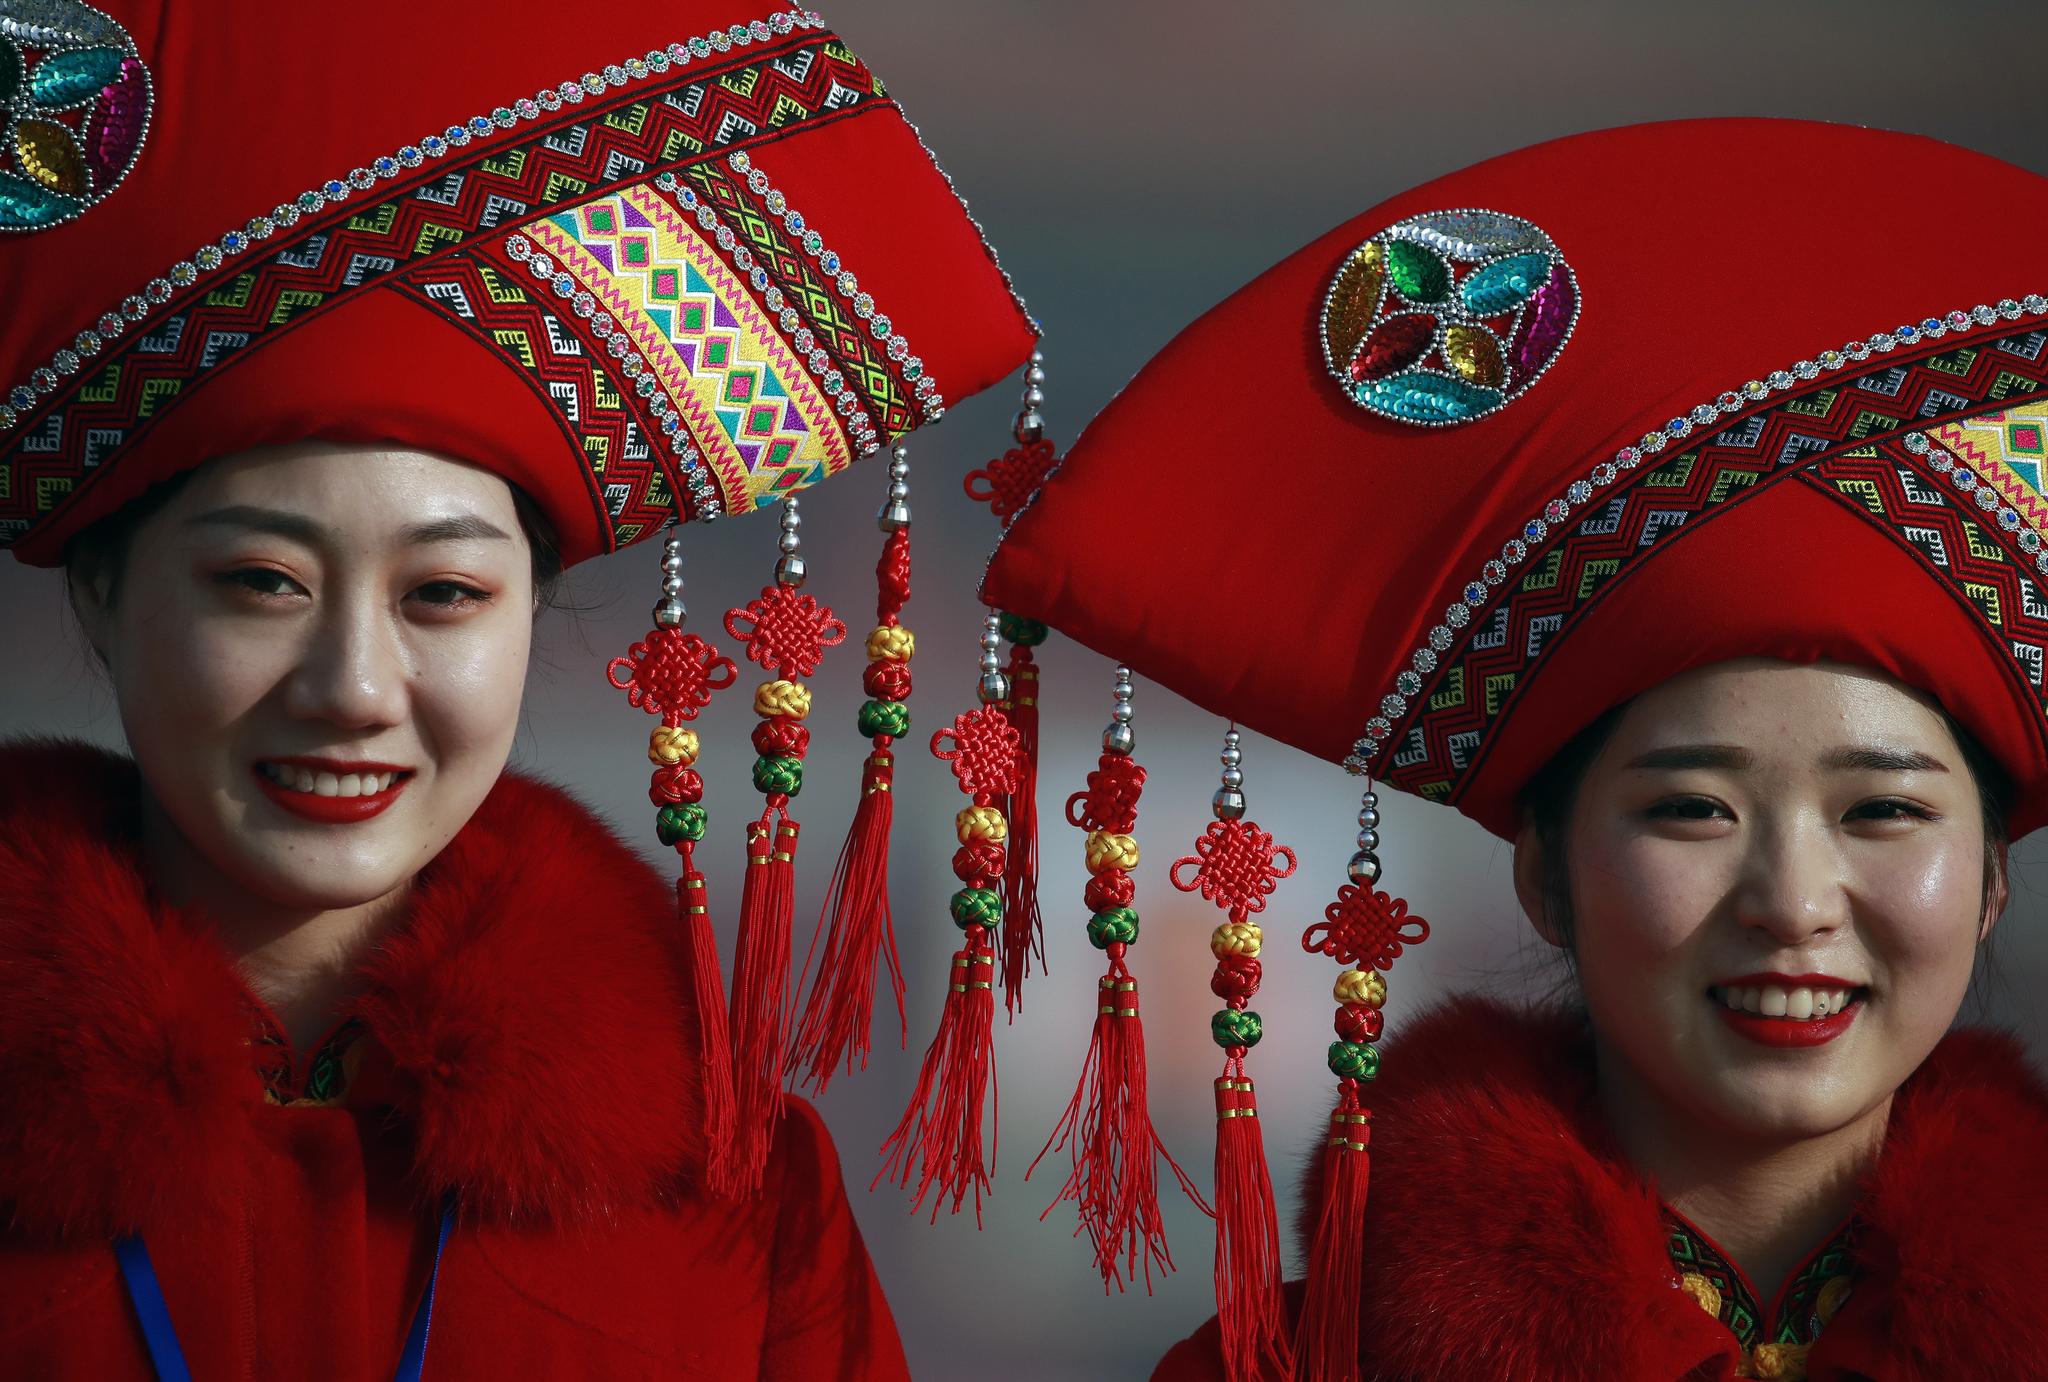 5일 베이징 인민대회당에서 전인대 개막식이 열리기에 앞서 중국 소수민족 의상을 입은 안내인들이 천안문광장에서 카메라 포즈를 취하고 있다. [EPA=연합뉴스]